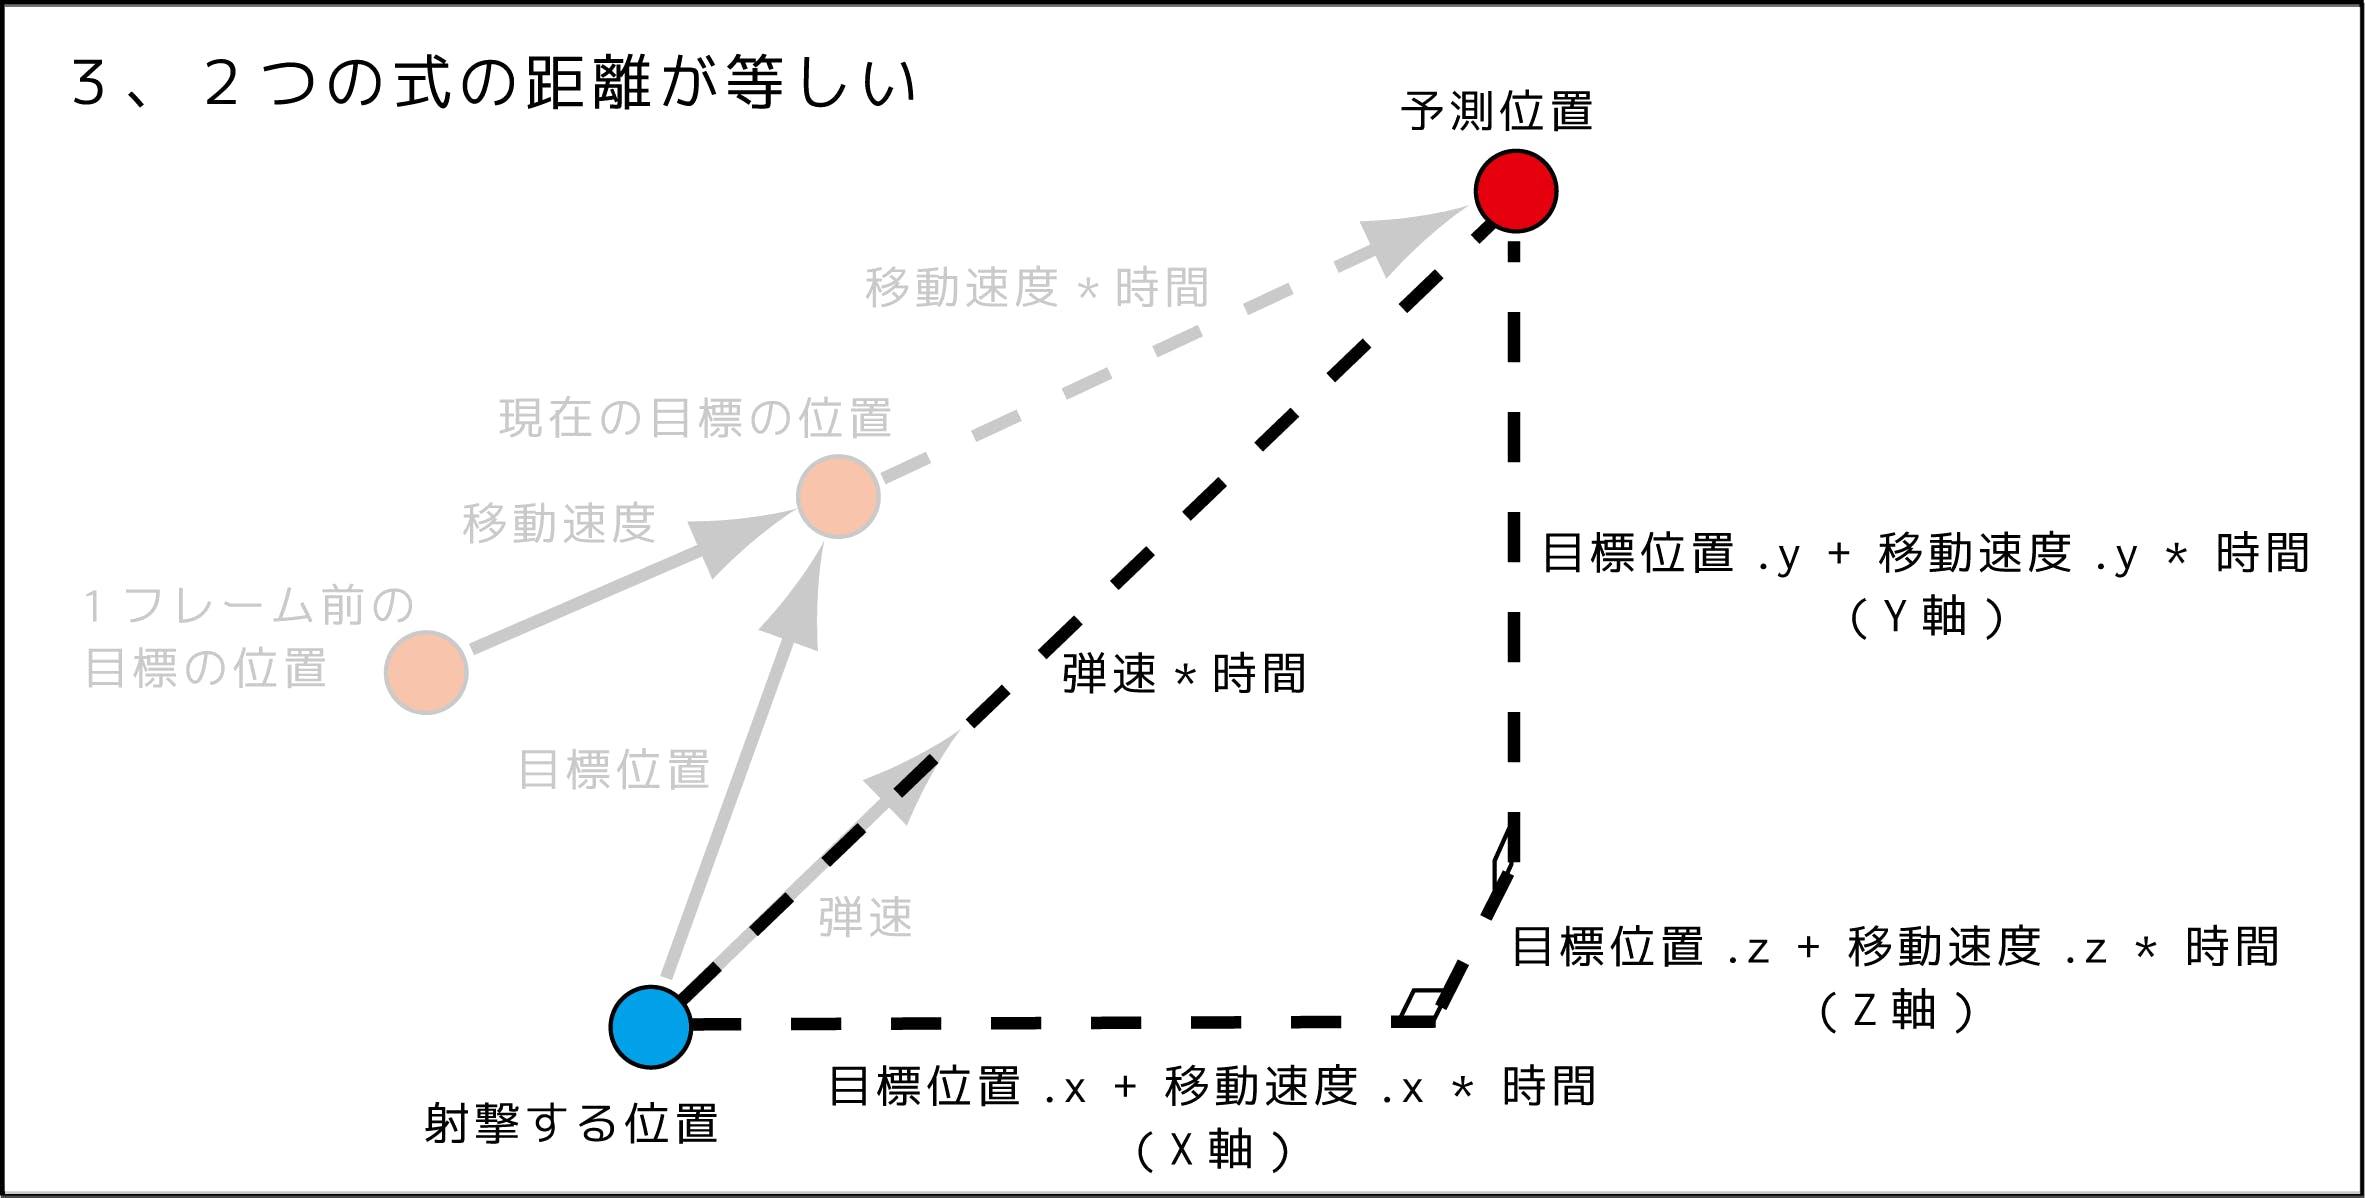 予測射撃図_181119_5.png